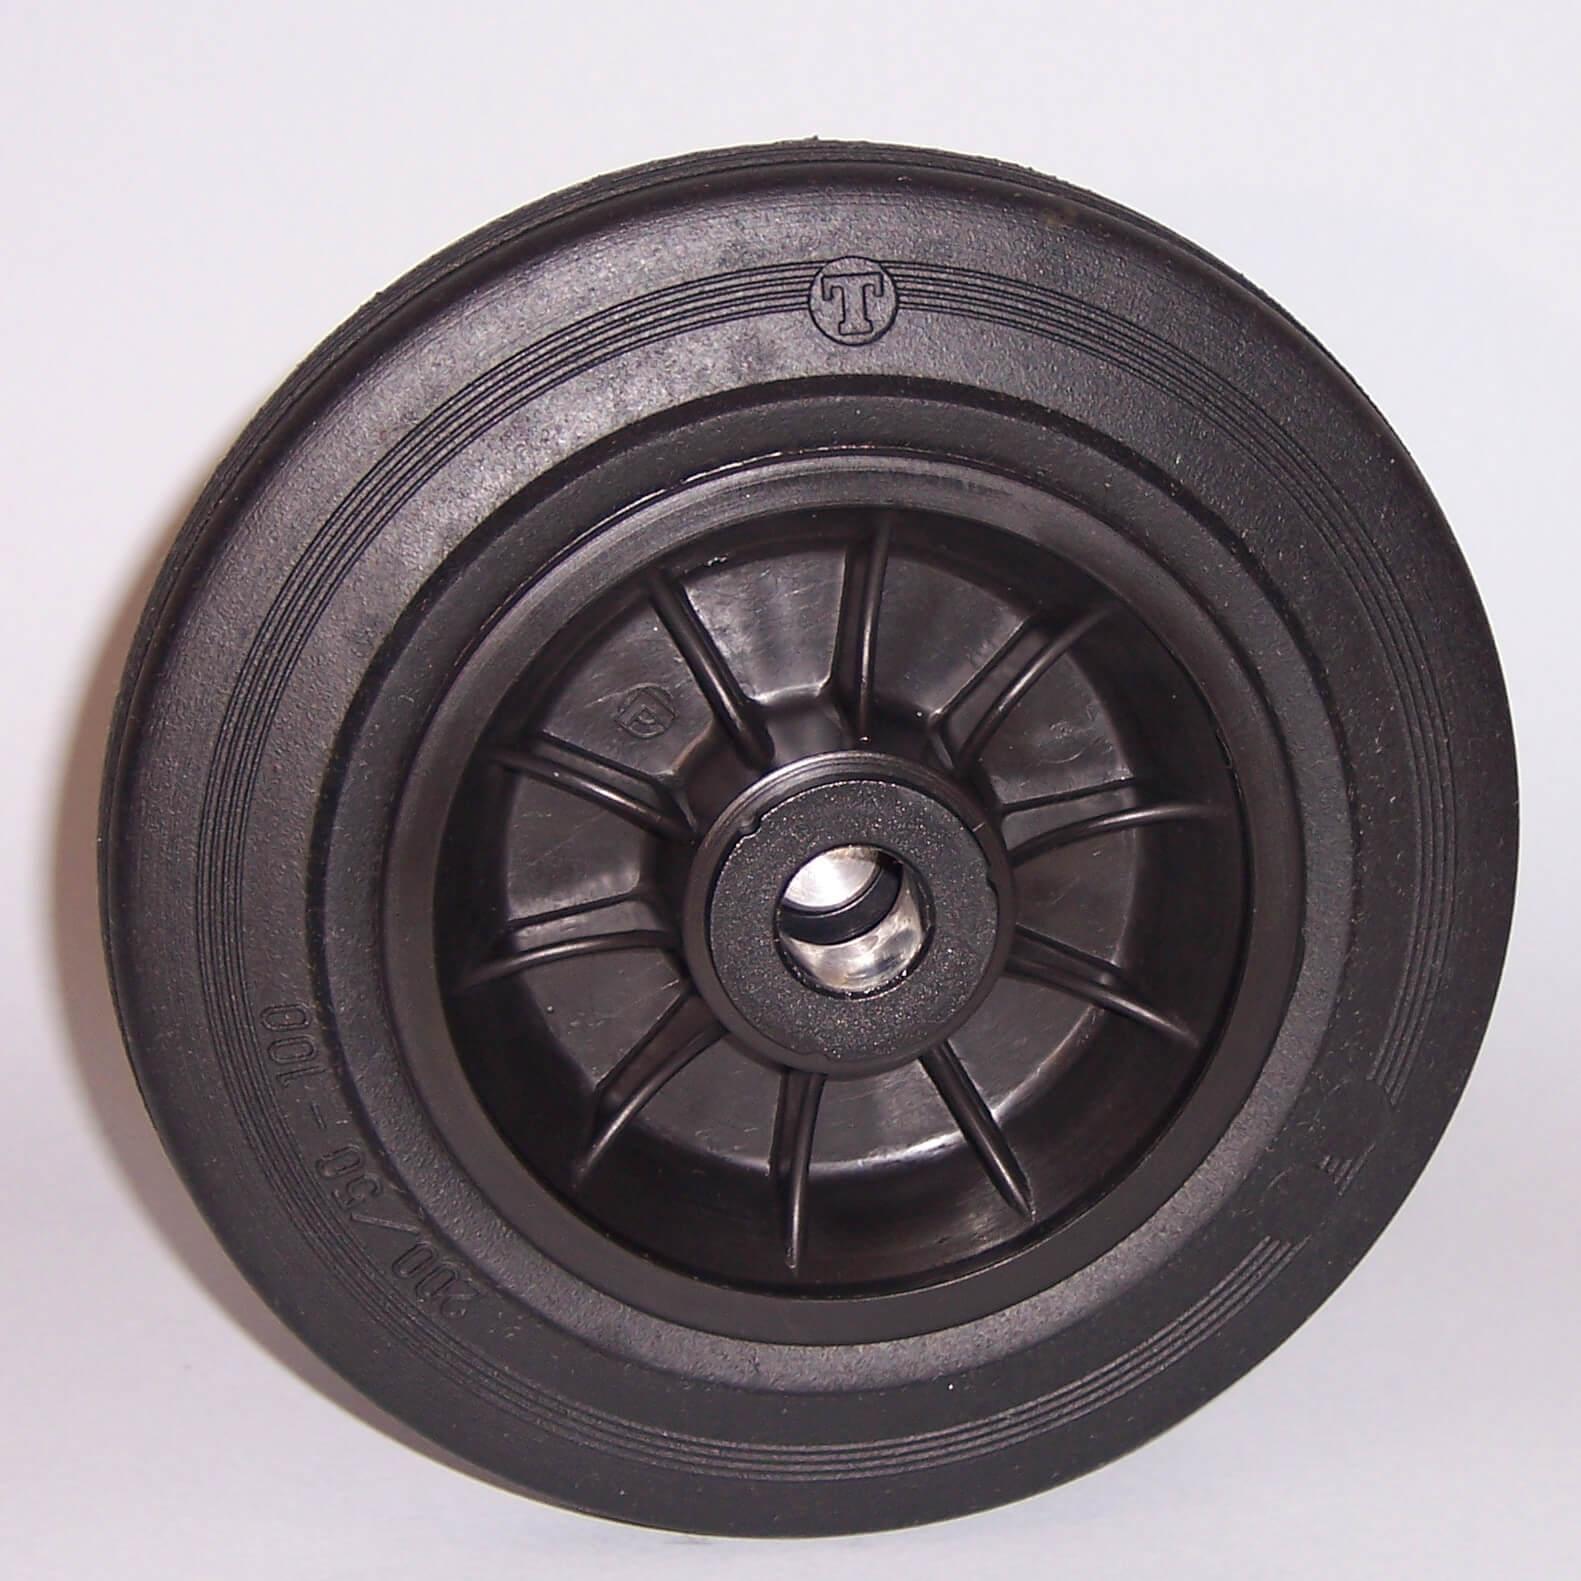 Ruote serie D Ruote con anello in gomma nera, mozzo in materiale termoplastico disponibili con cuscinetti rullini o con boccole di nylon. Organo di rotolamento della ruota: boccola.